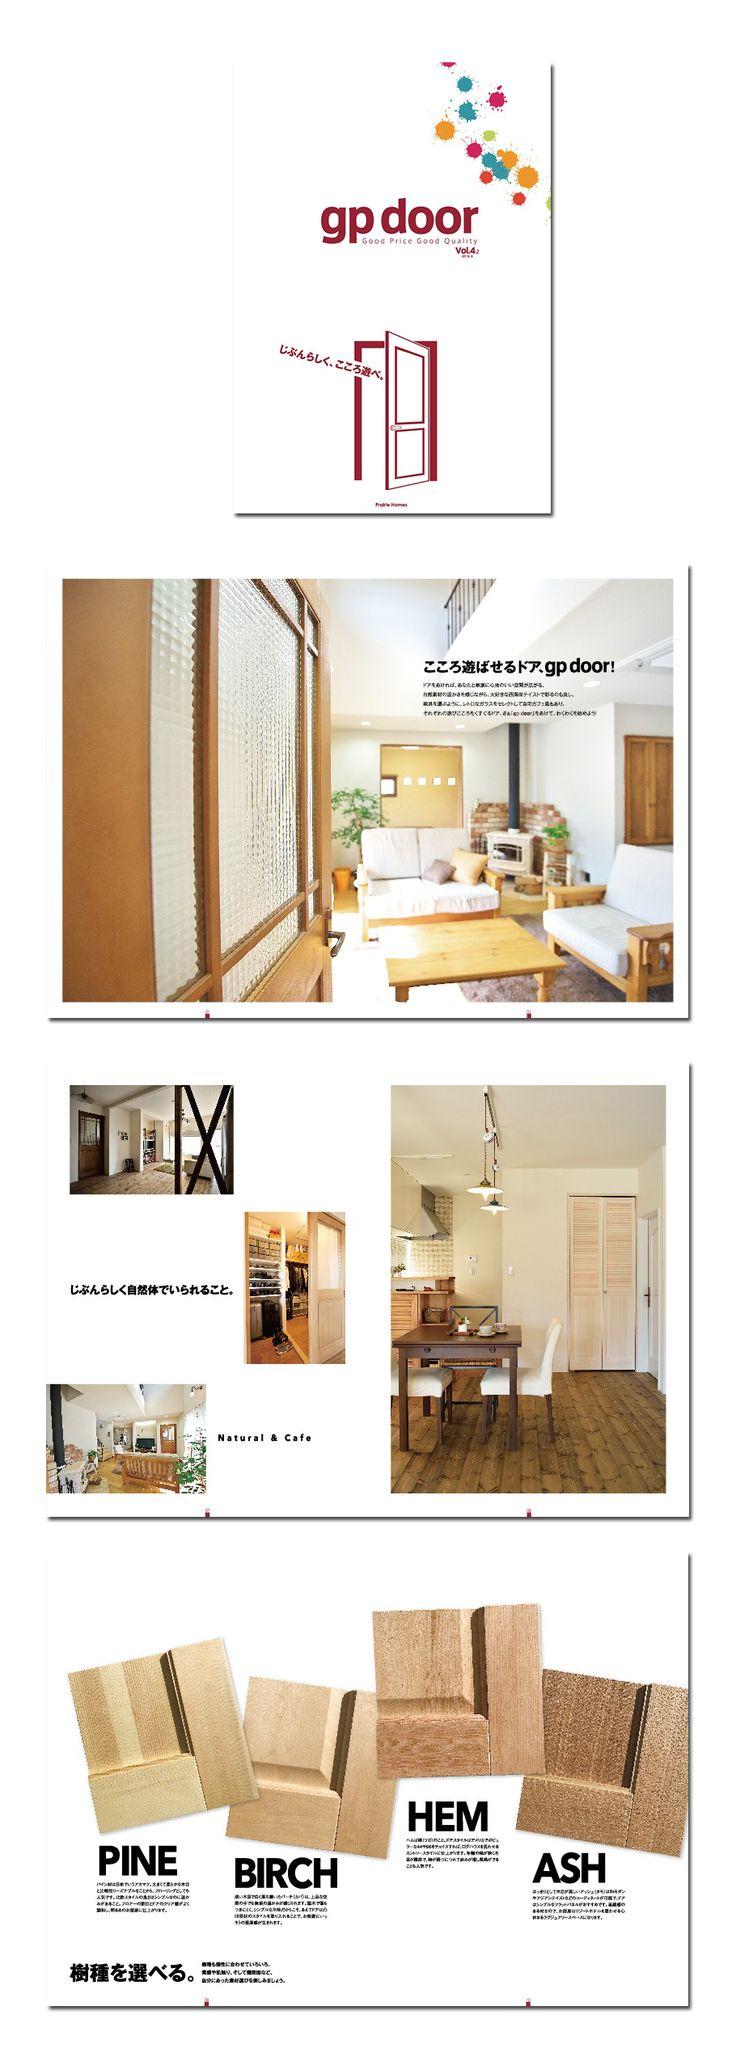 ドアカタログデザイン|株式会社カプセルグラフィックス  #カタログ #デザイン #ドア #名古屋